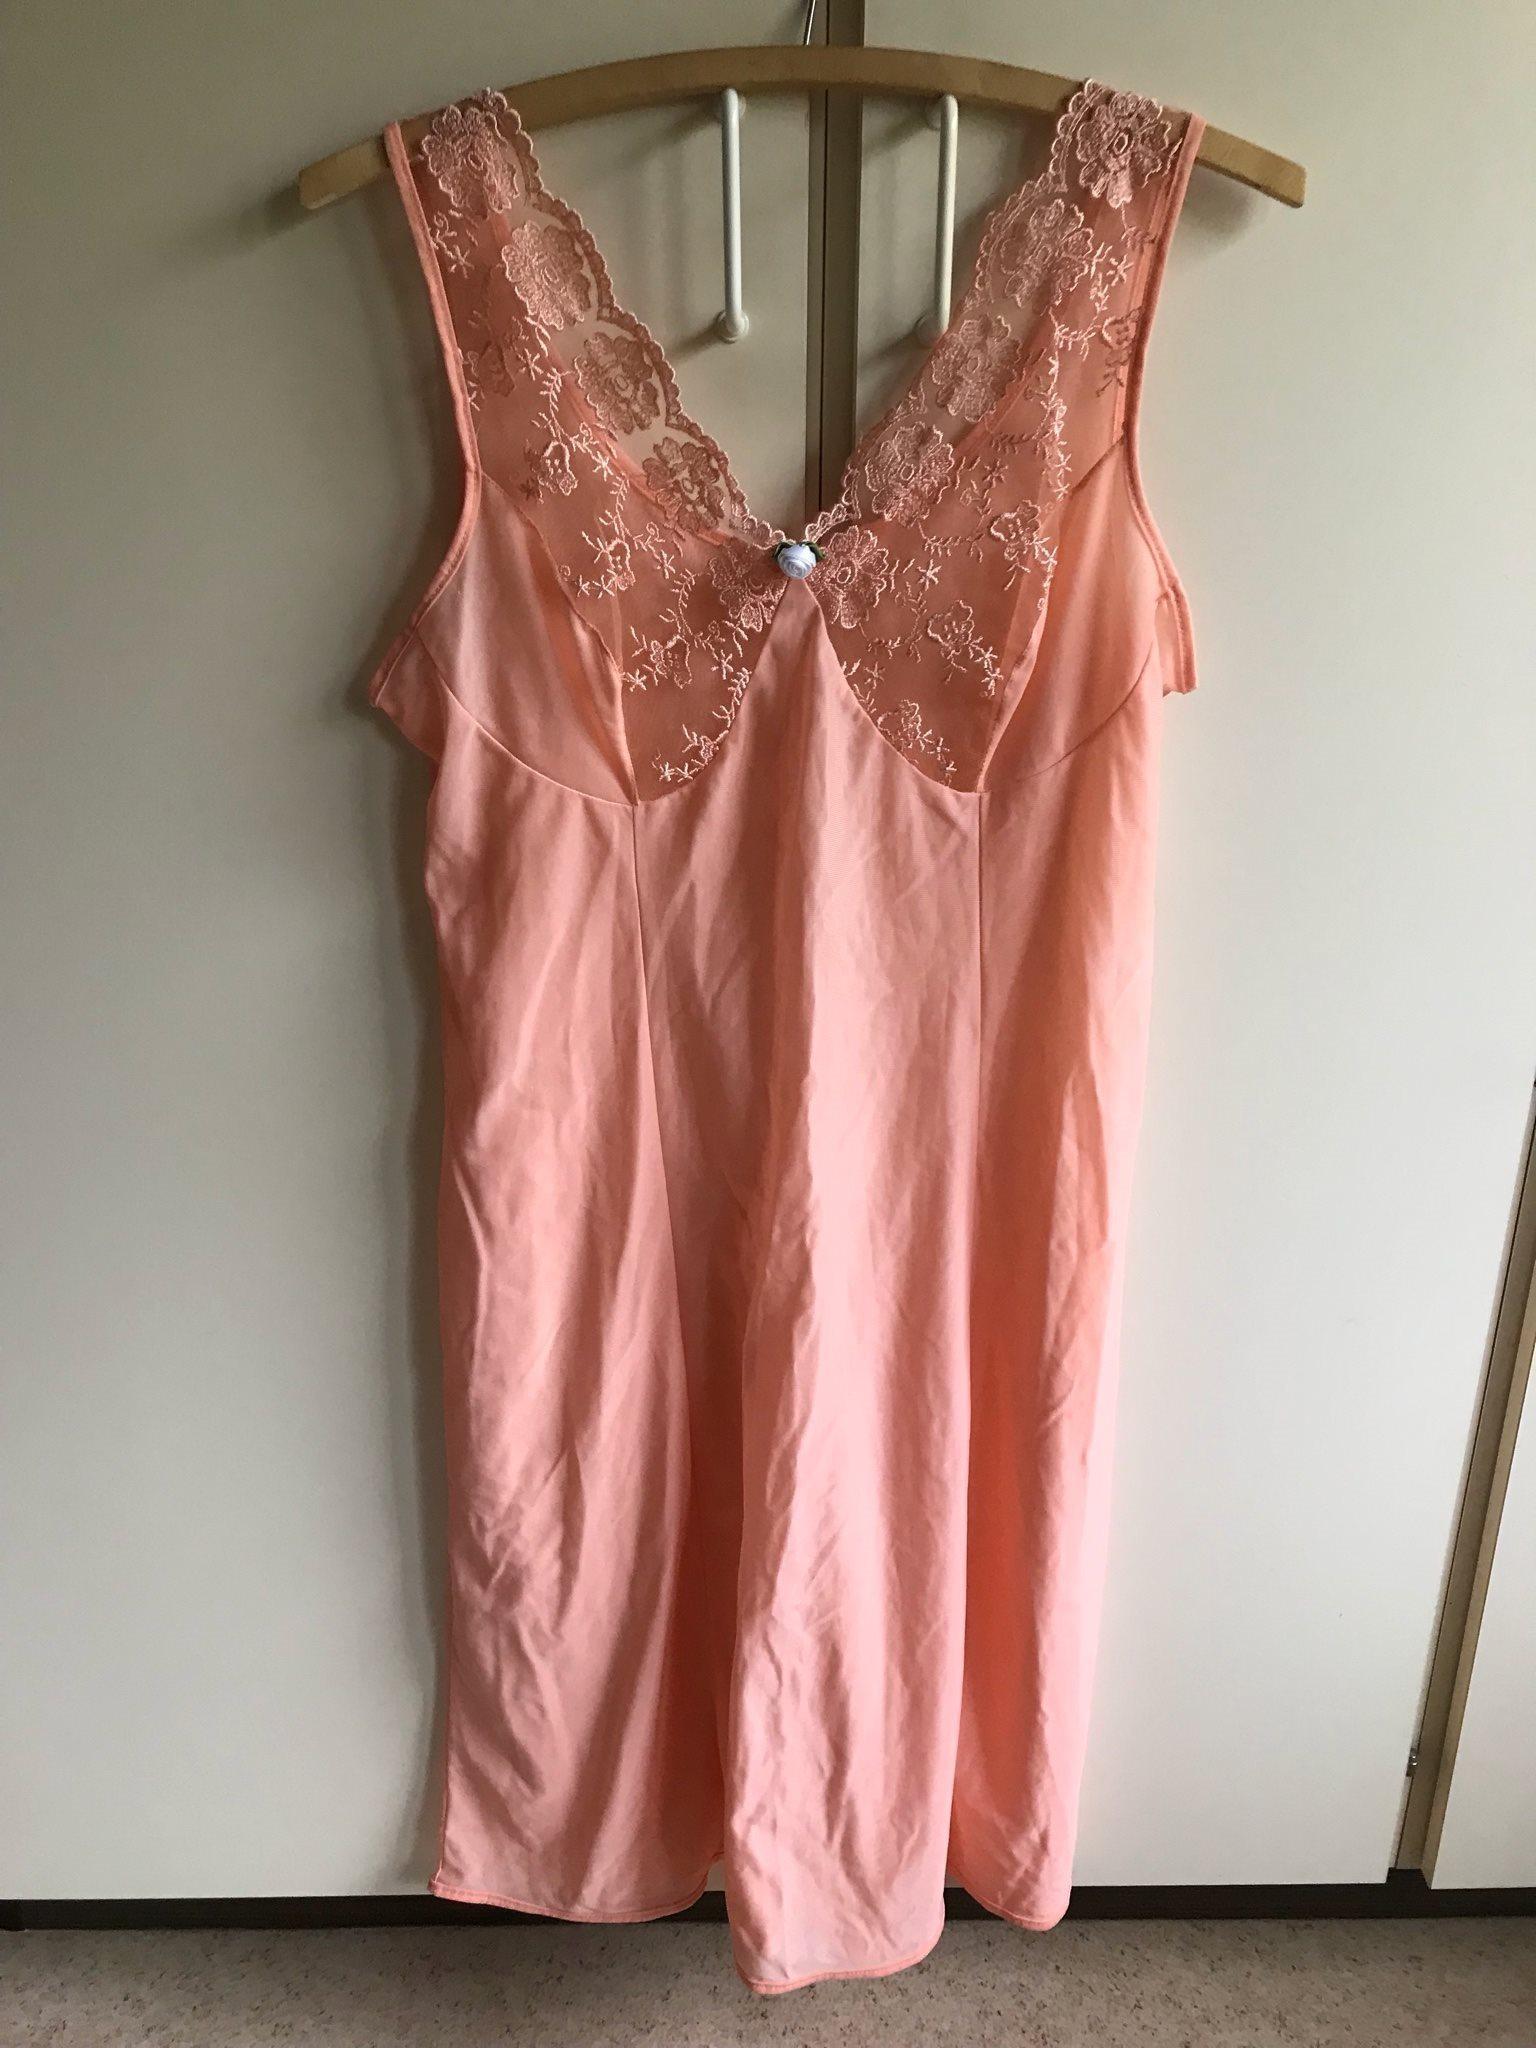 Nattlinne underklänning Vintage (335193095) ᐈ Köp på Tradera a2a5ed1d20250